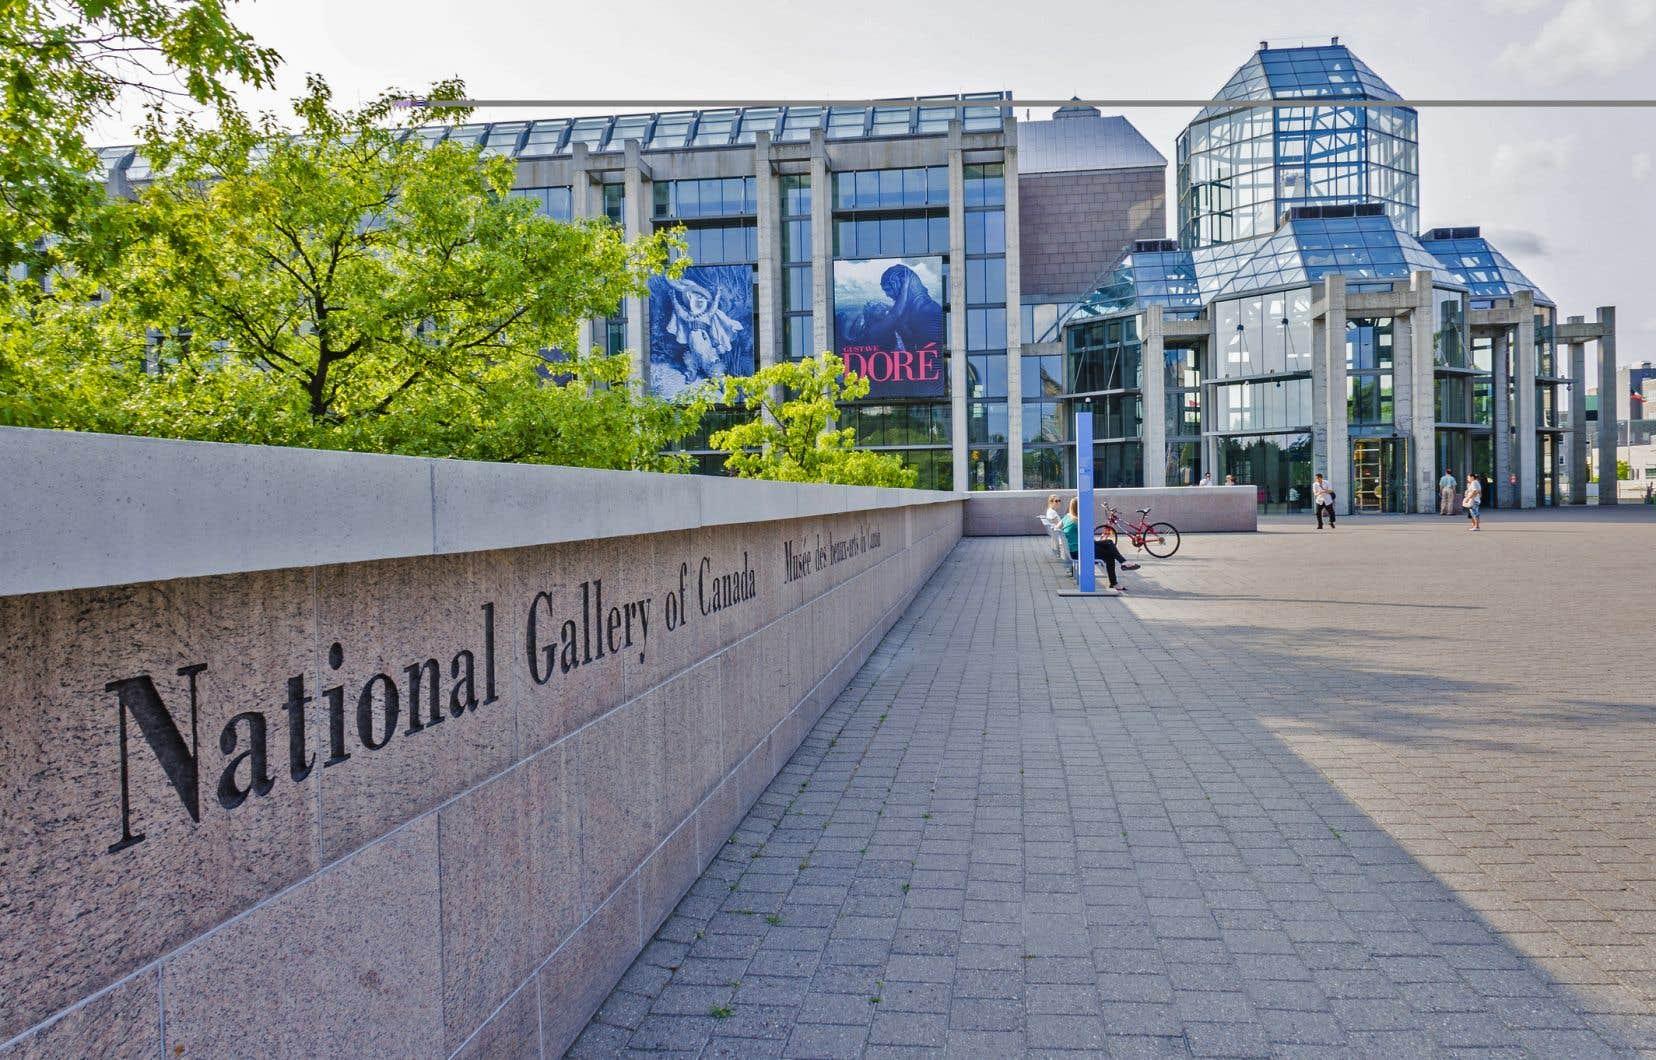 Le Musée des beaux-arts du Canada vendra l'un des deux tableaux de Marc Chagall pour sauver une autre oeuvre «plus importante dans l'histoire de l'art et pour le patrimoine canadien».